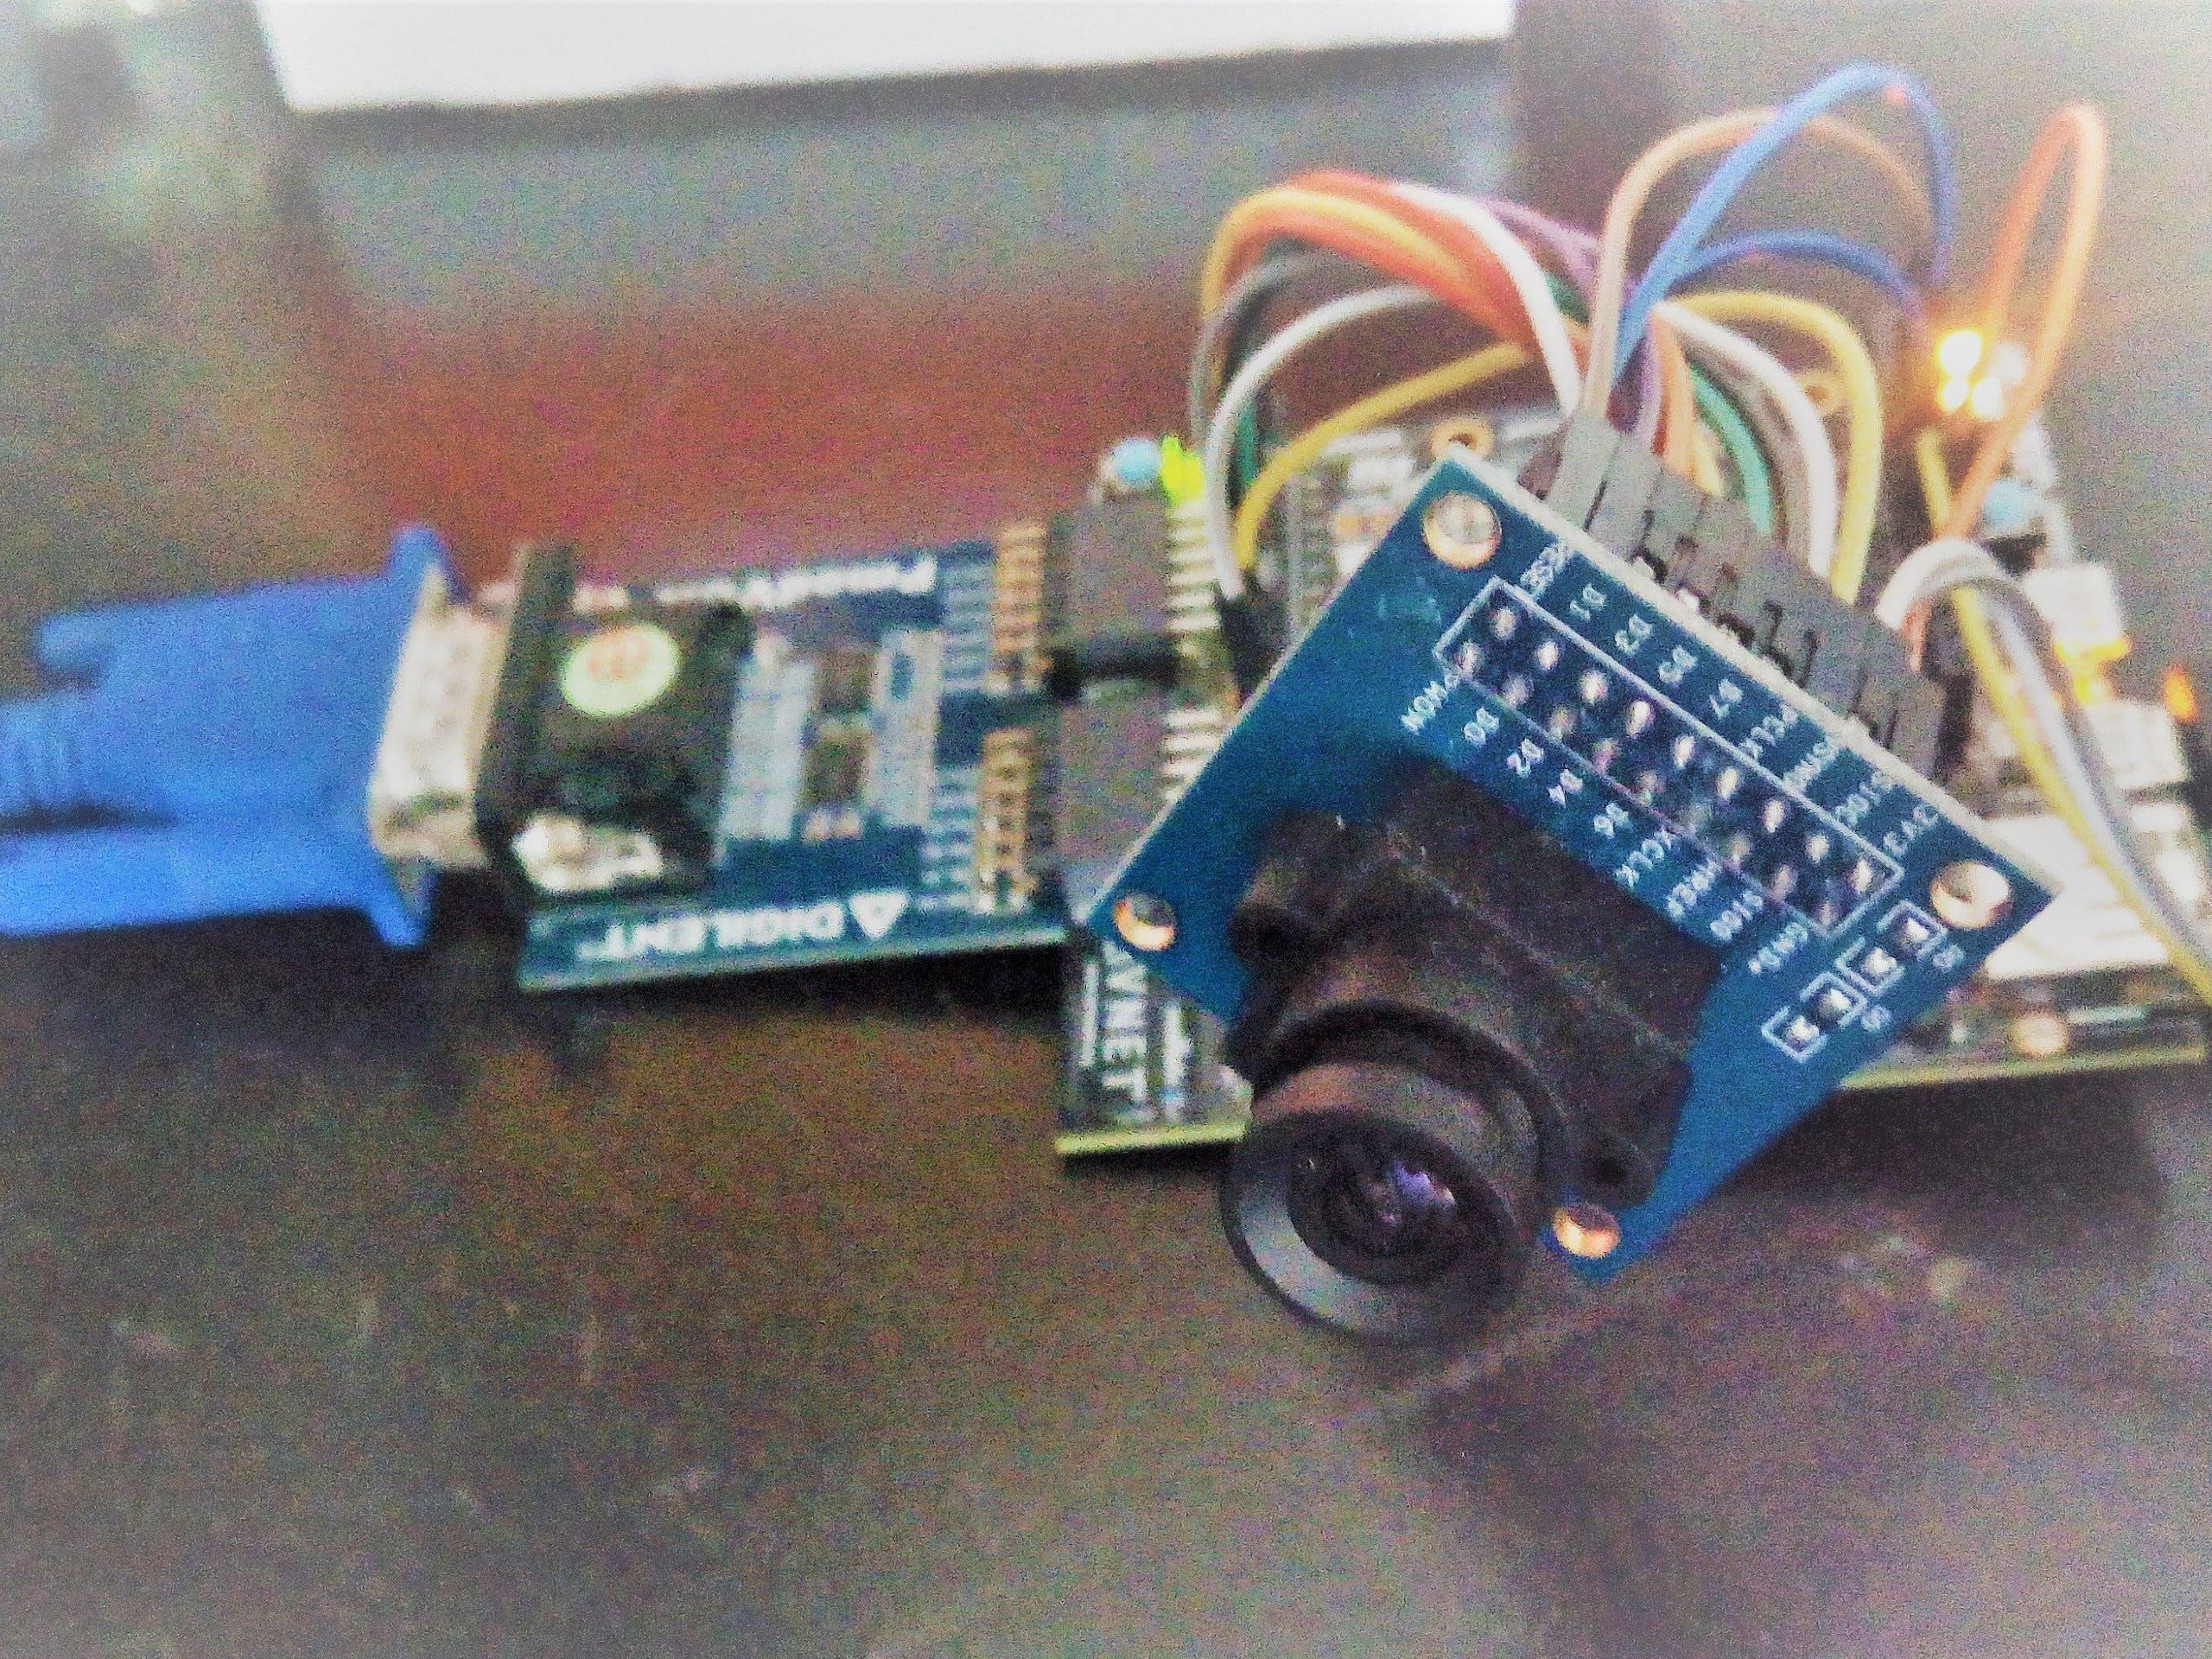 FPGA Camera System